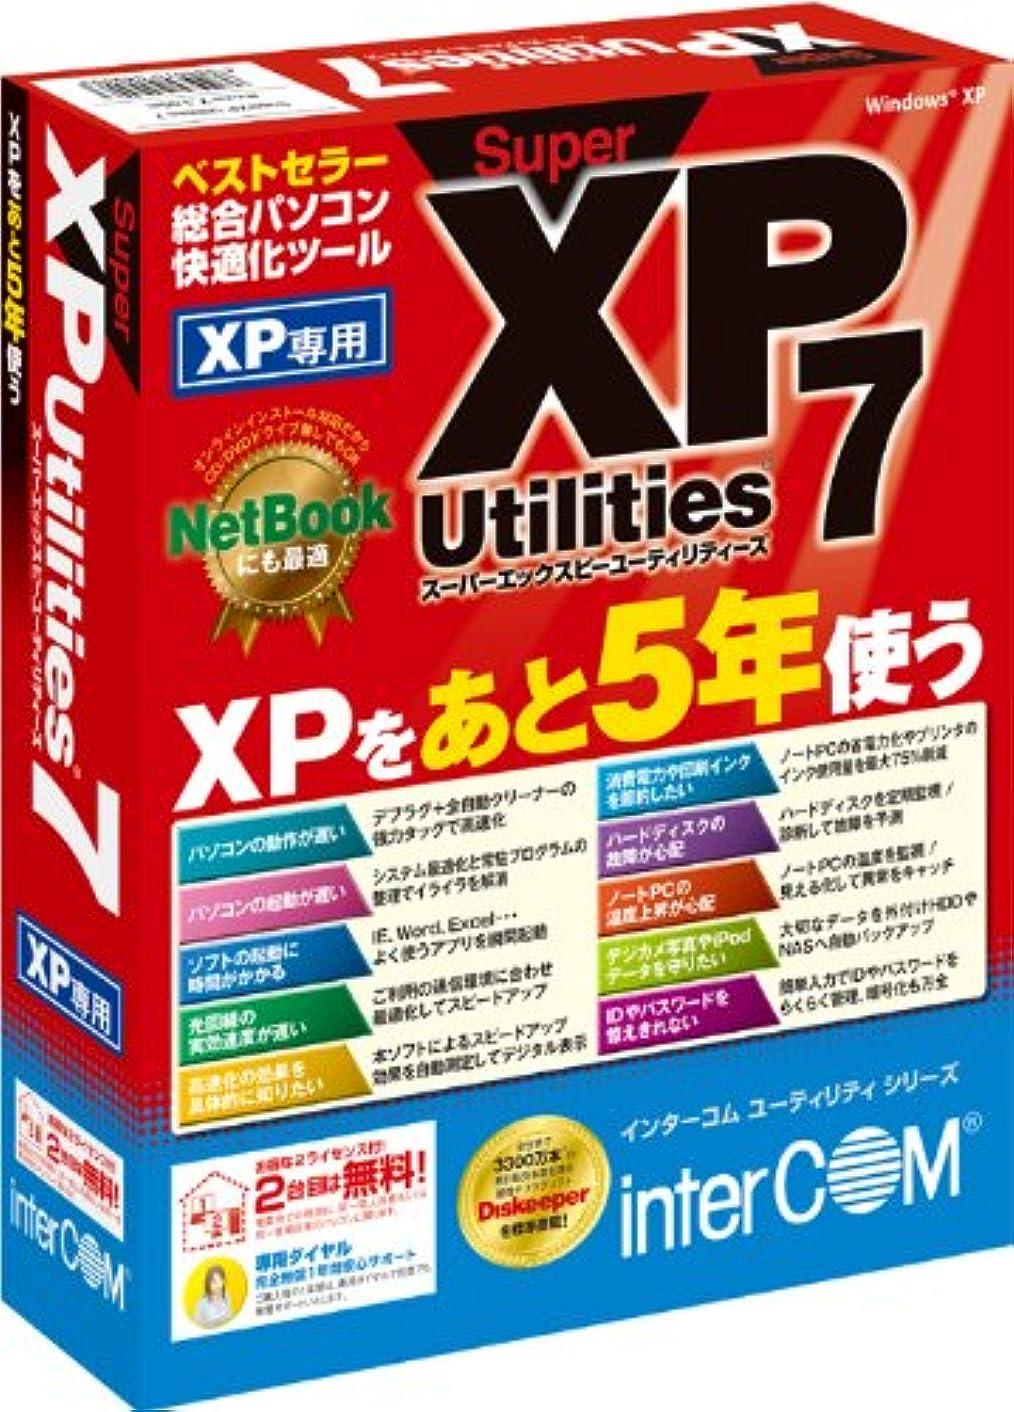 ケント海テニスSuperXP Utilities 7